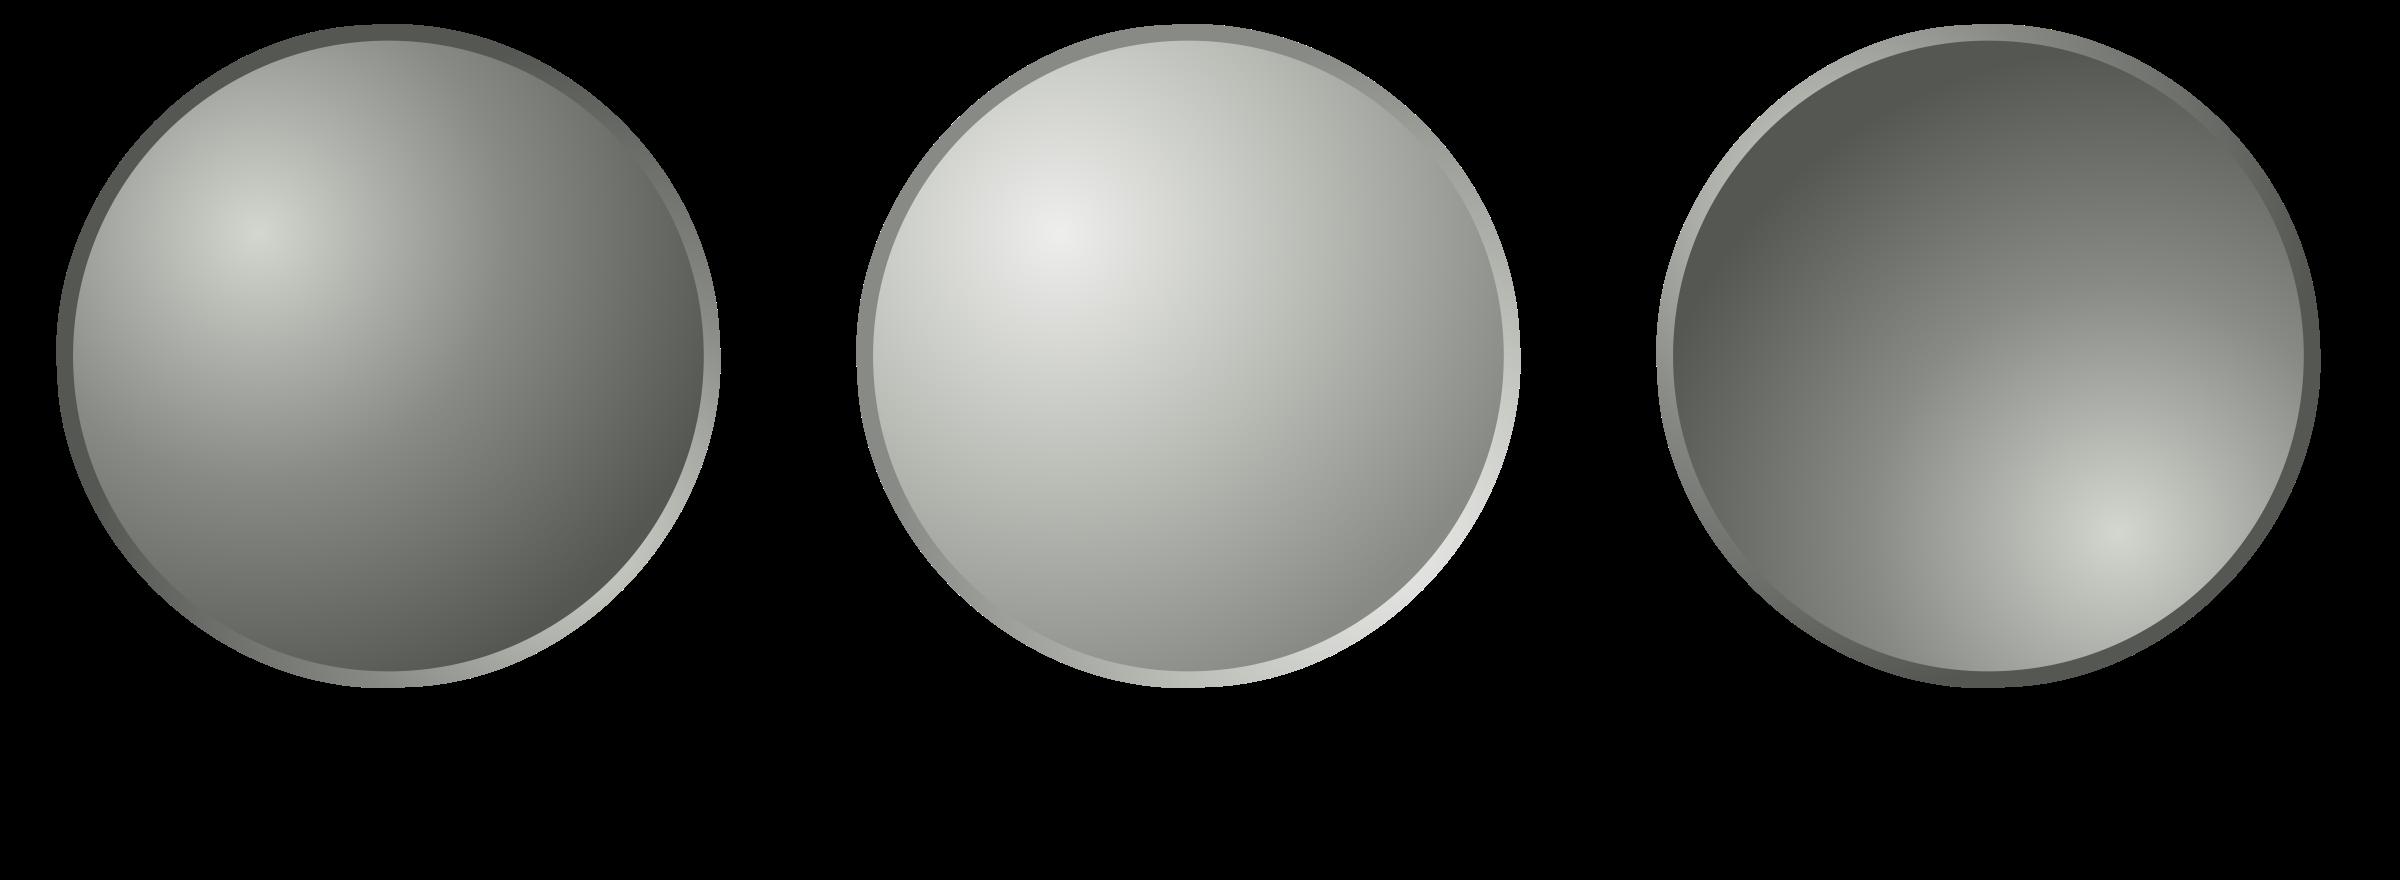 Grey web template big. Website clipart website button